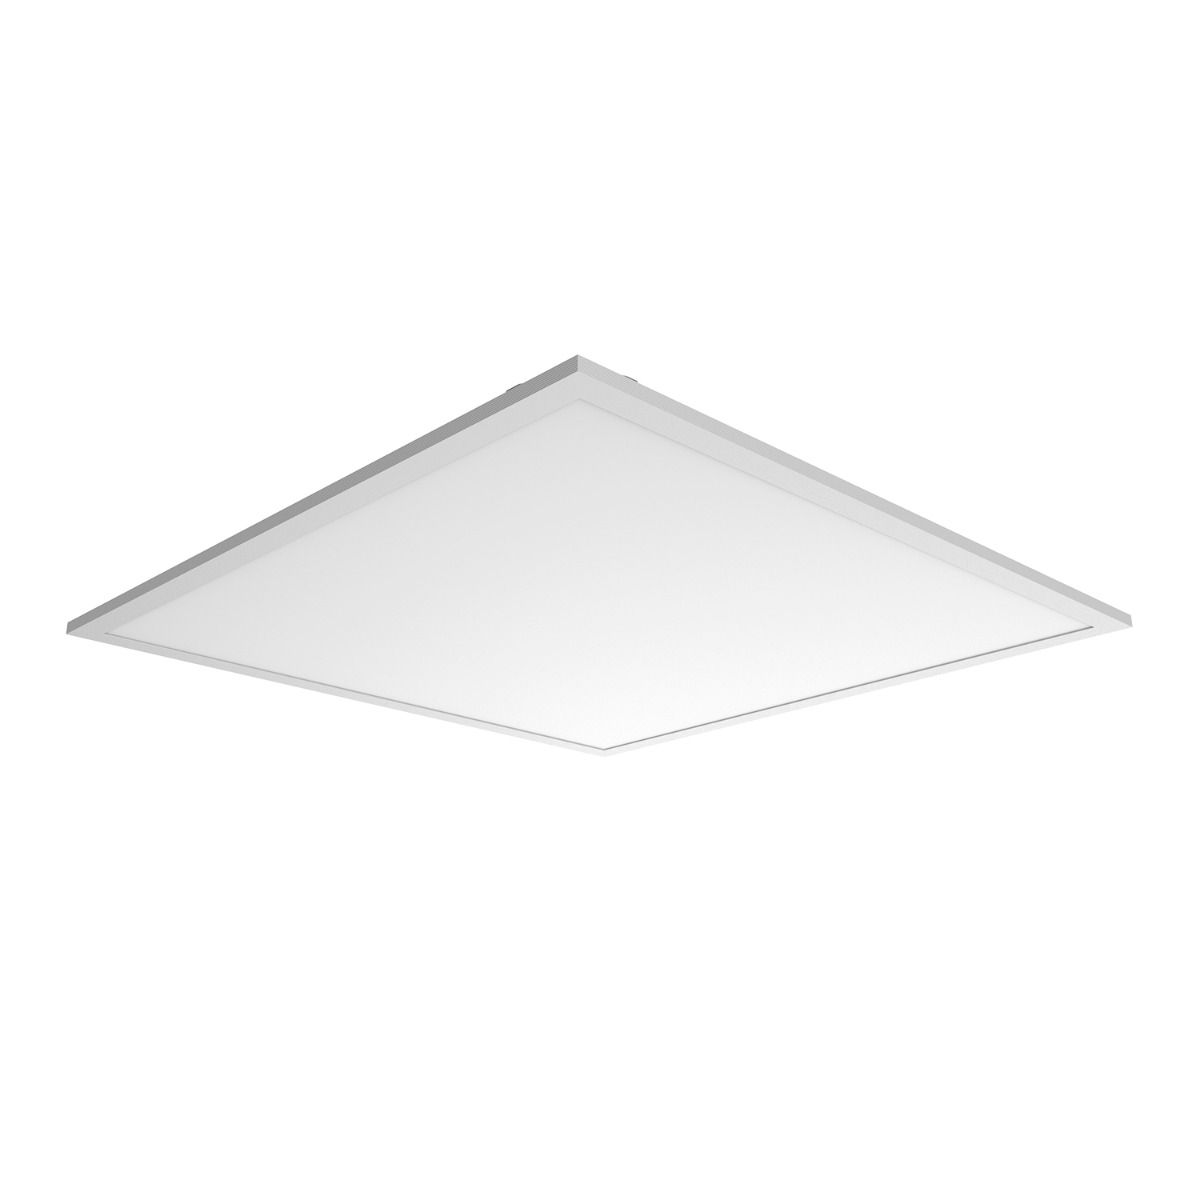 Noxion LED Panel Delta Pro V3 30W 3000K 3960lm 60x60cm UGR <22 | Varm Vit - Ersättare 4x18W